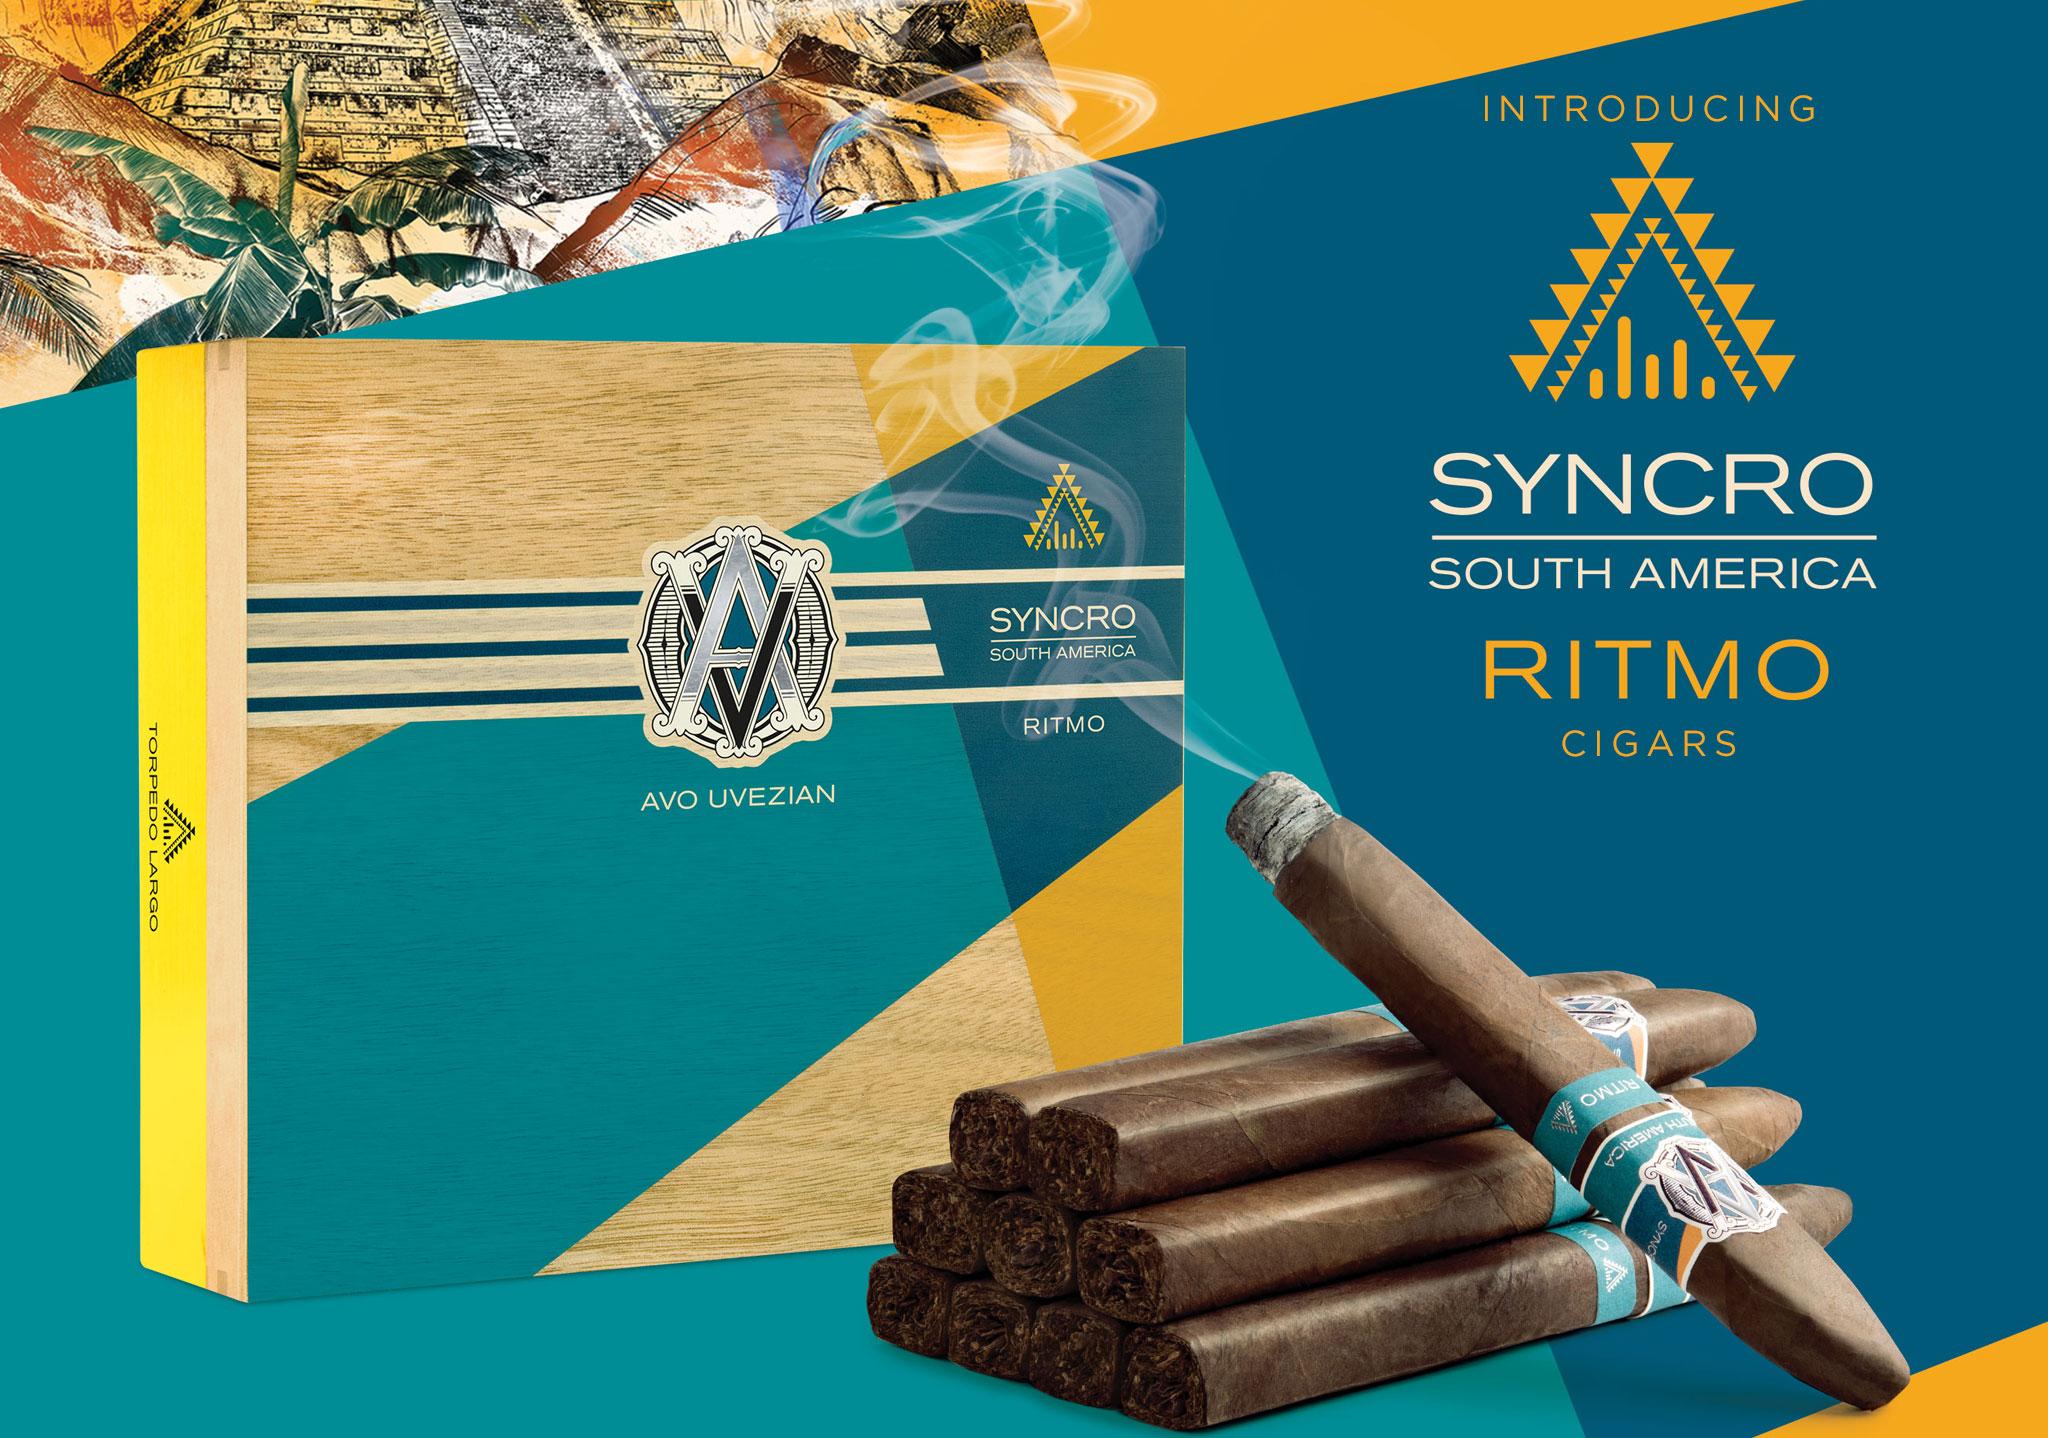 """""""Avo Como Va"""" – Introducing AVO Syncro South America Ritmo Cigars"""